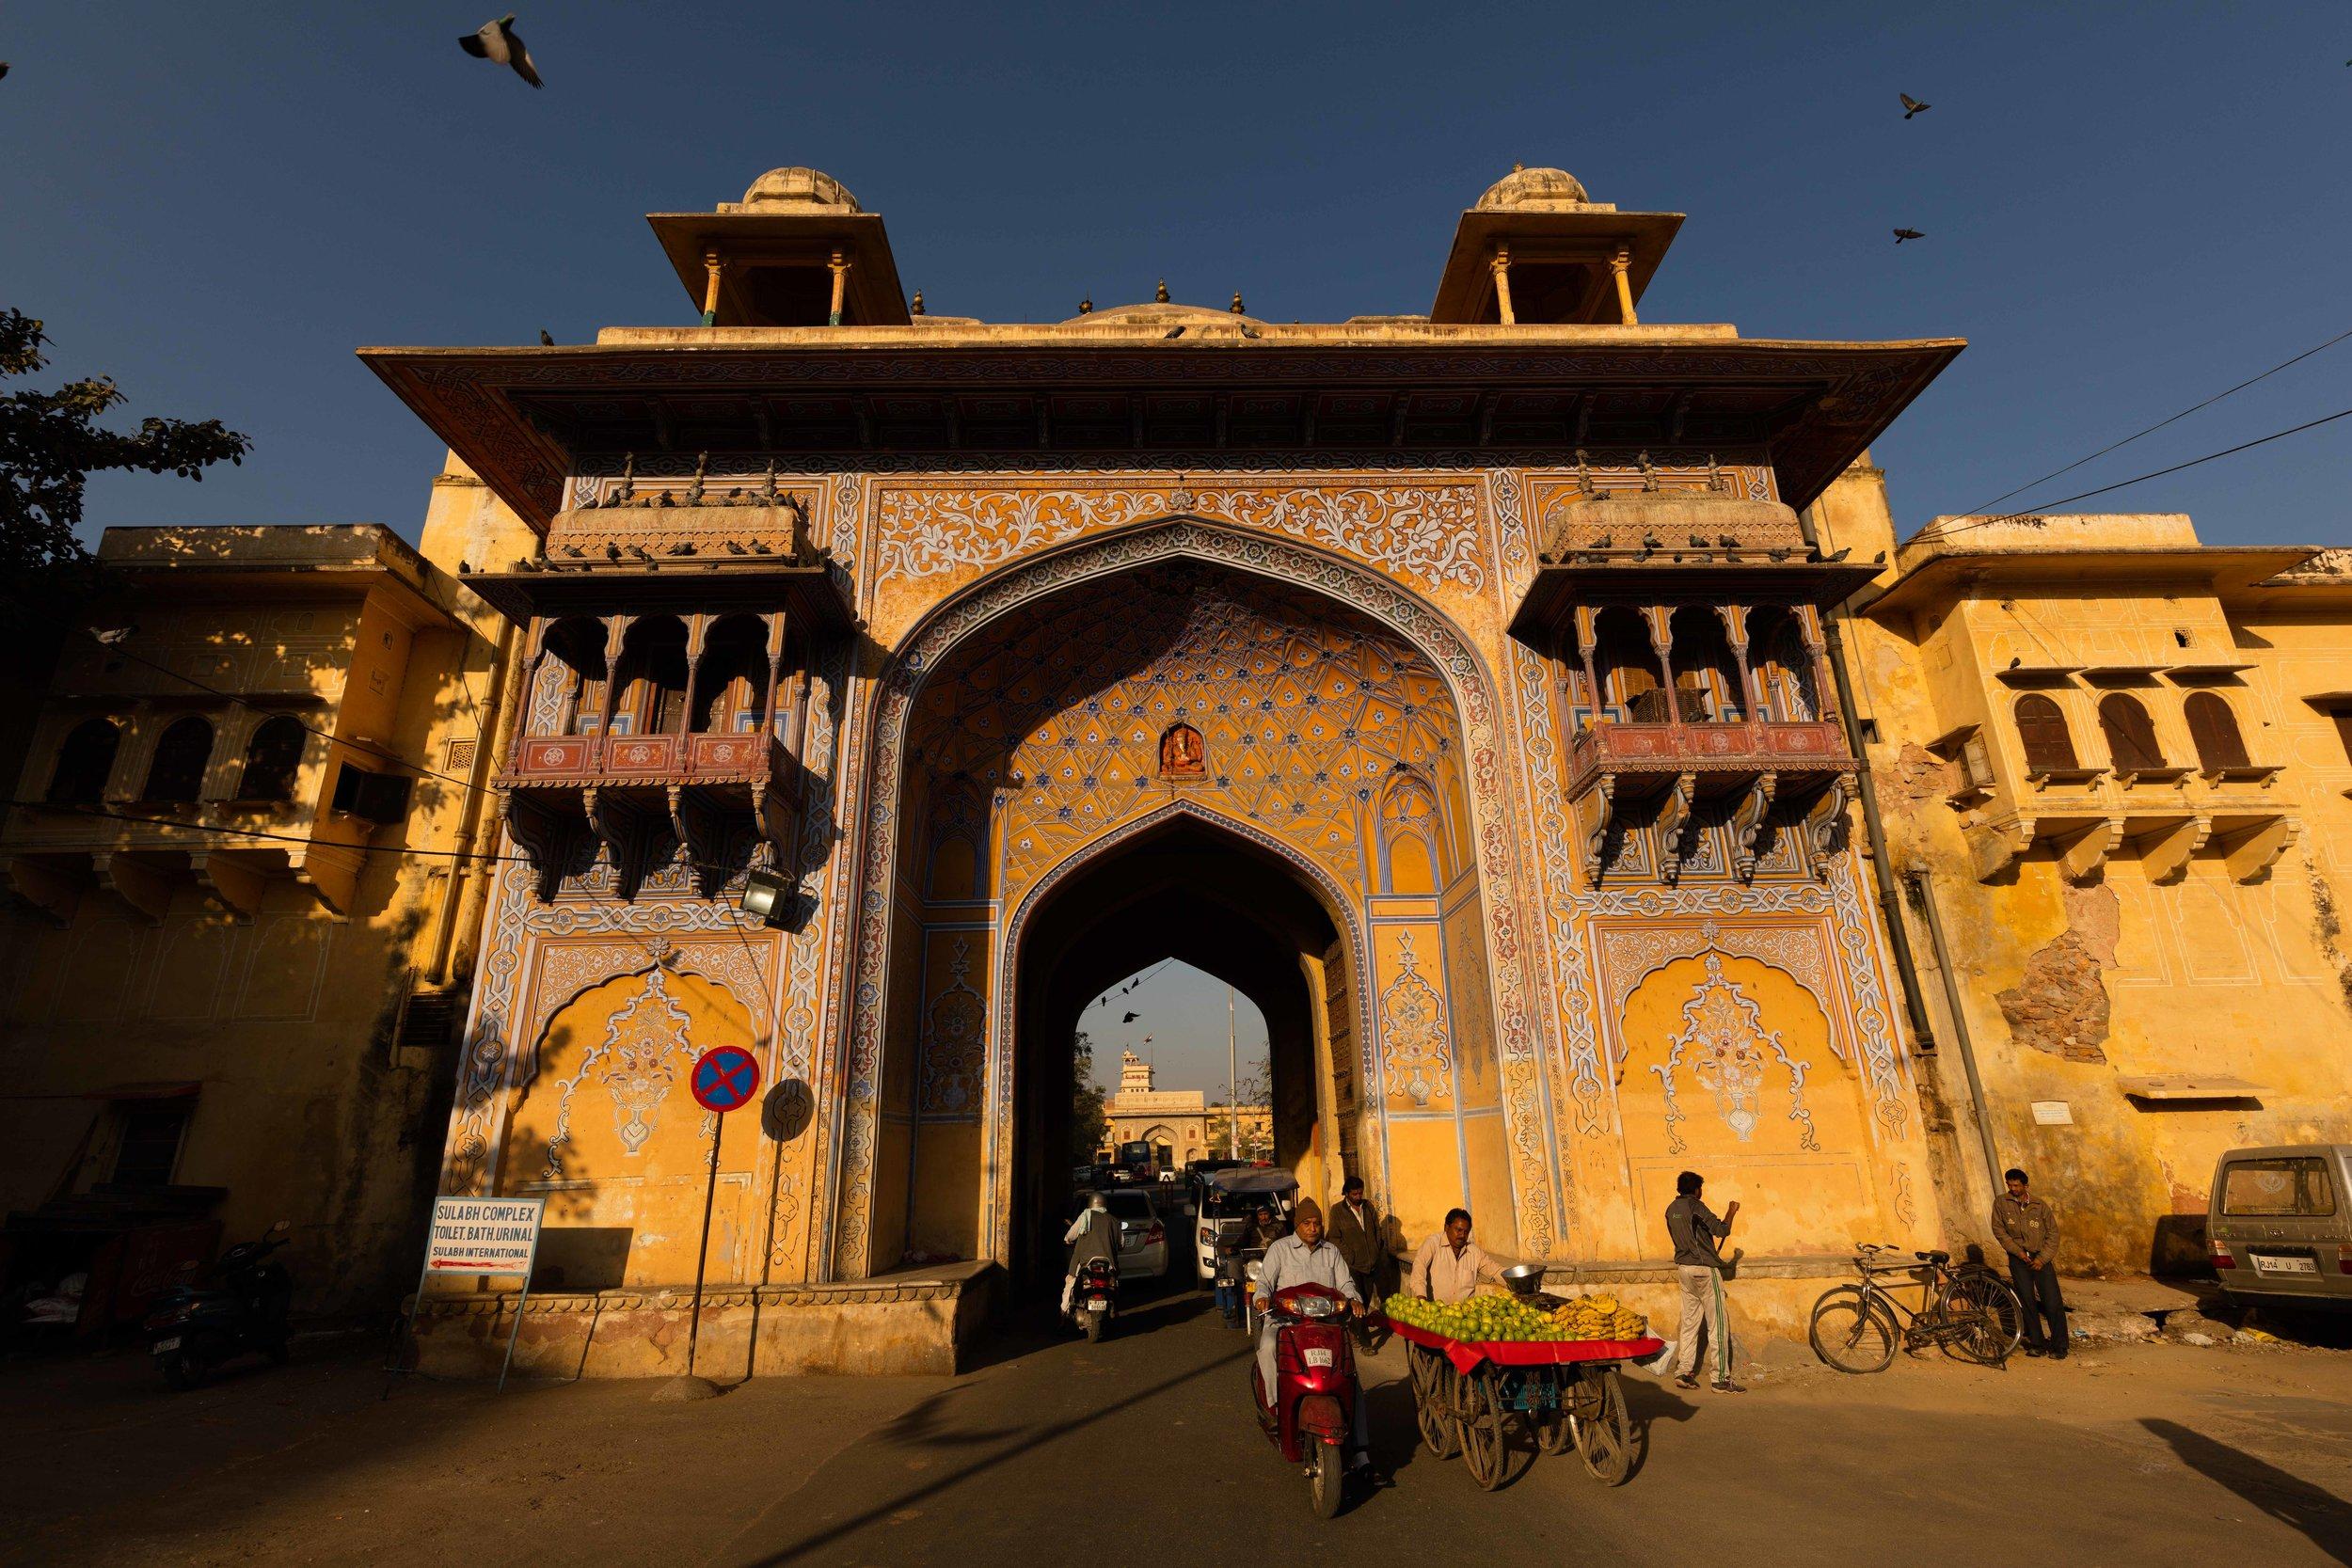 Entrance to Govind Devji Temple